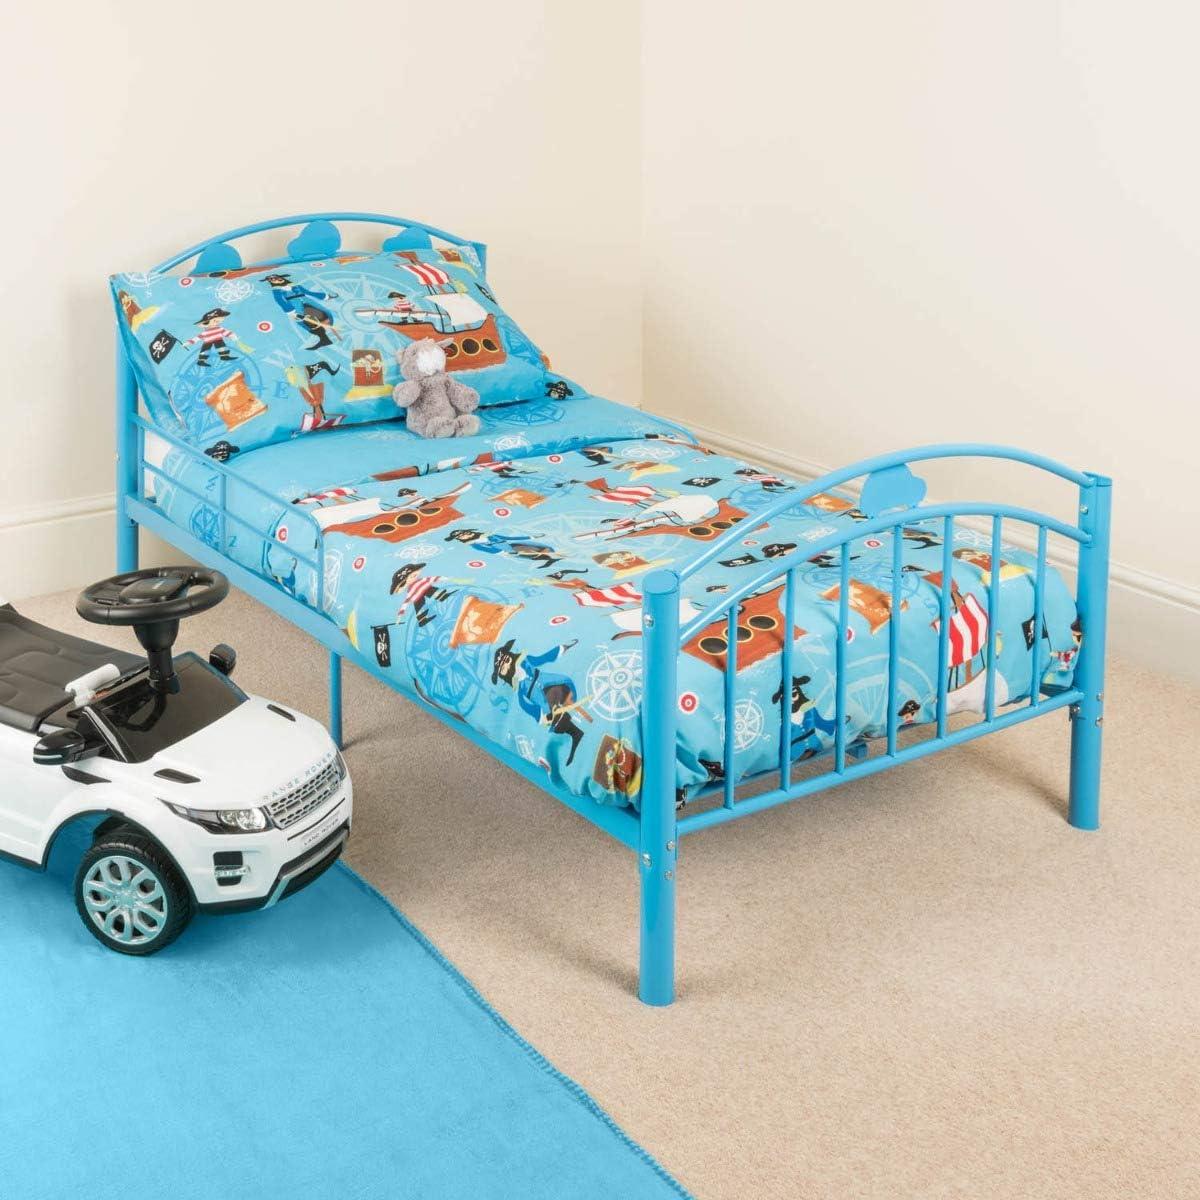 Christow Blue Toddler Metal Bed Frame Kids Bedroom Furniture